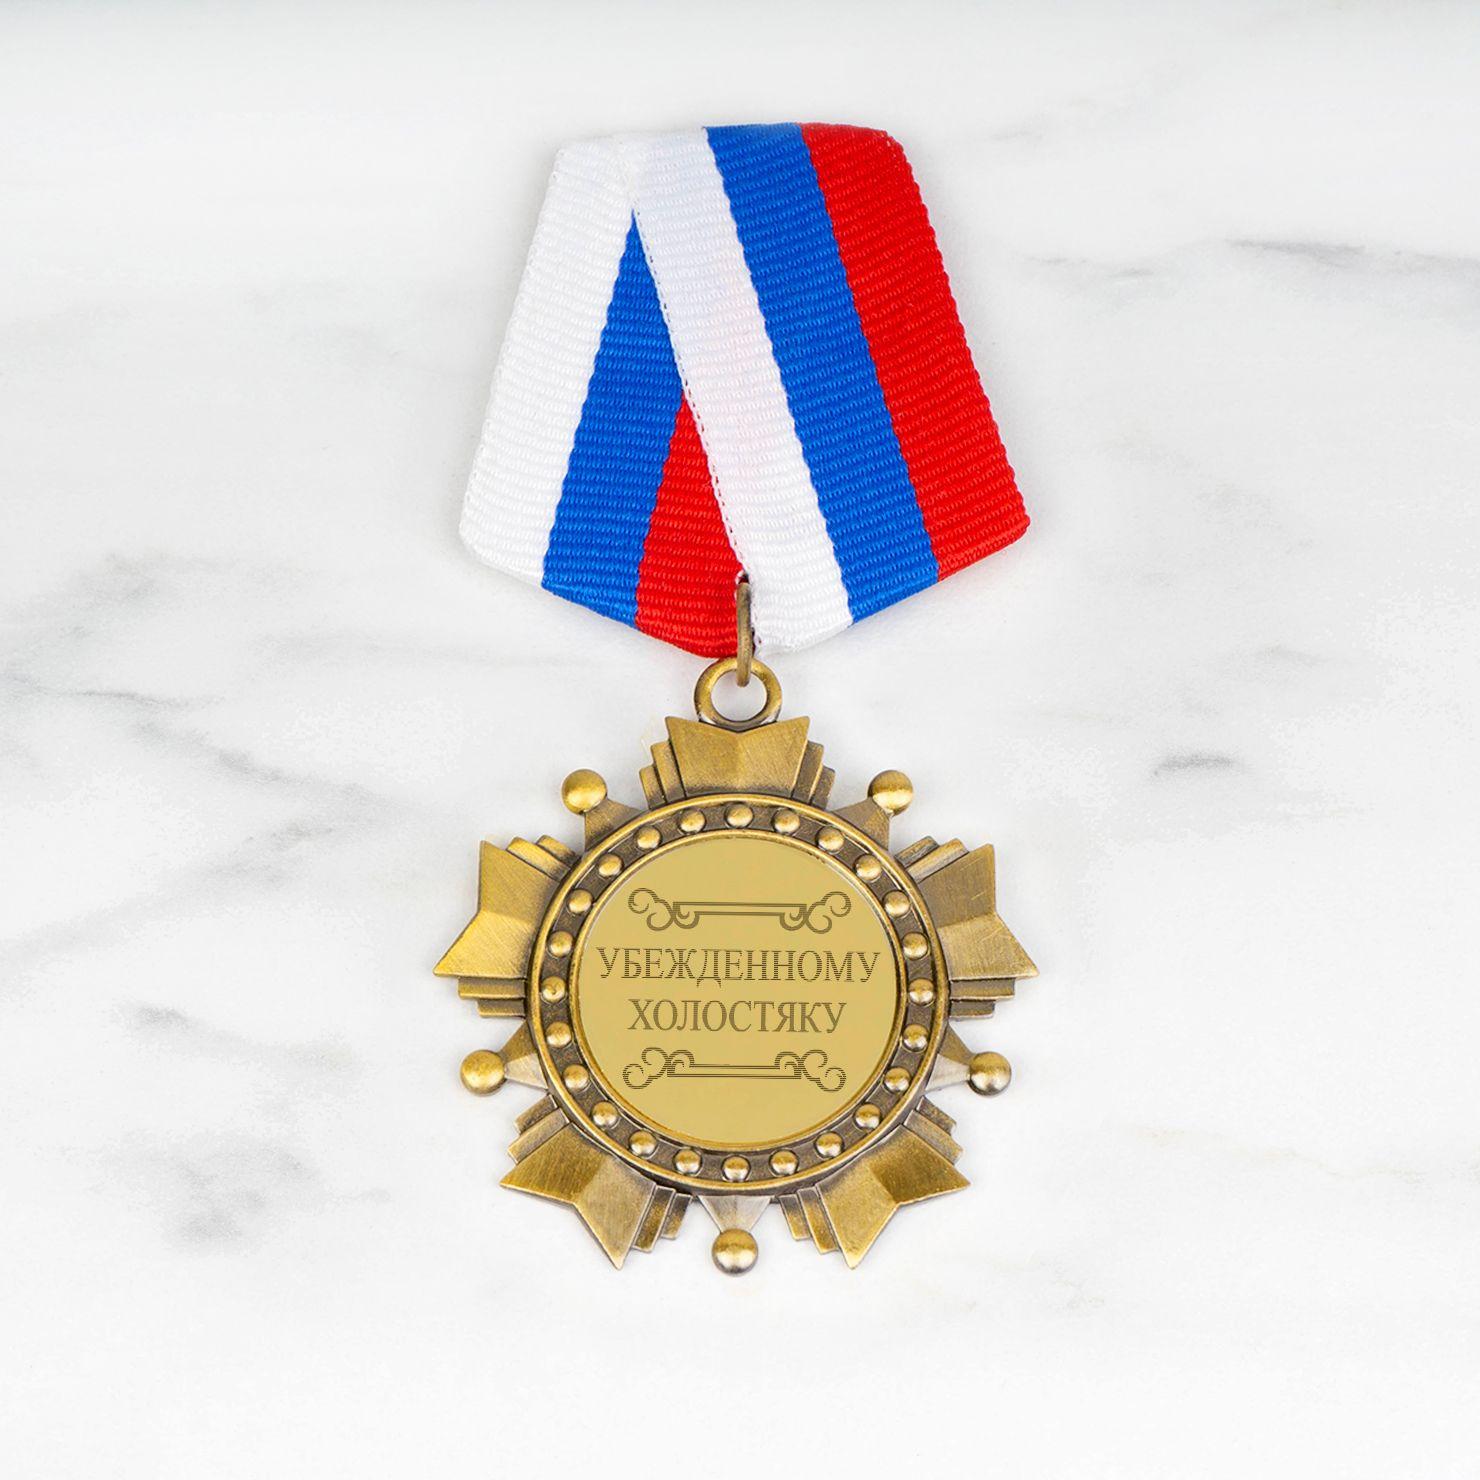 Орден *Убежденному холостяку*